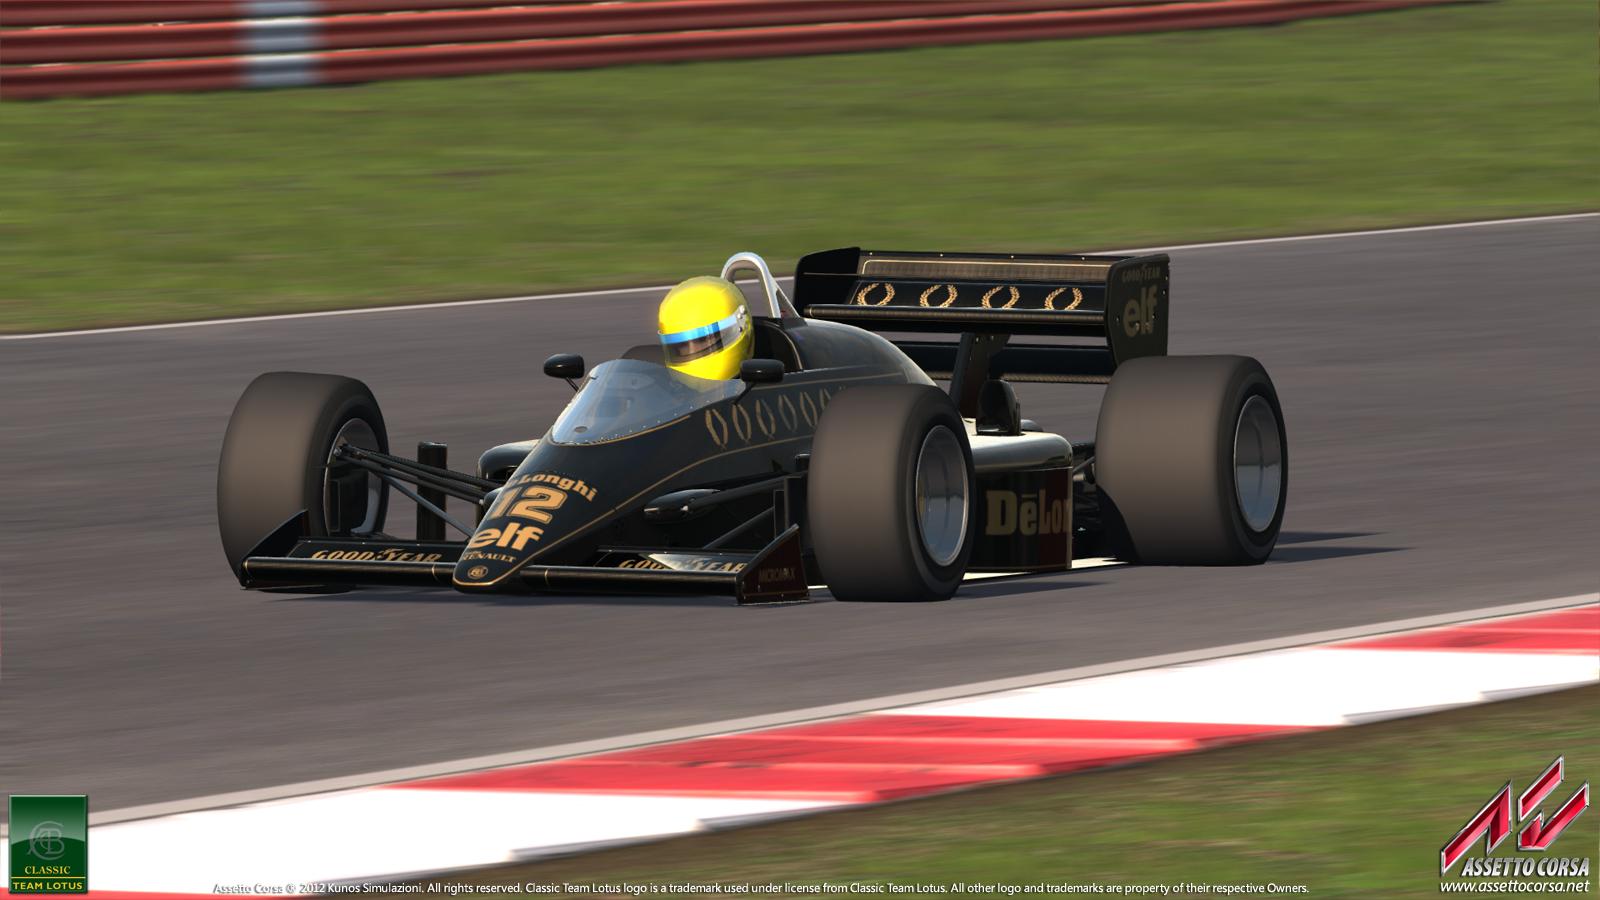 Assetto Corsa Lotus 98t Previews Virtualr Net Sim